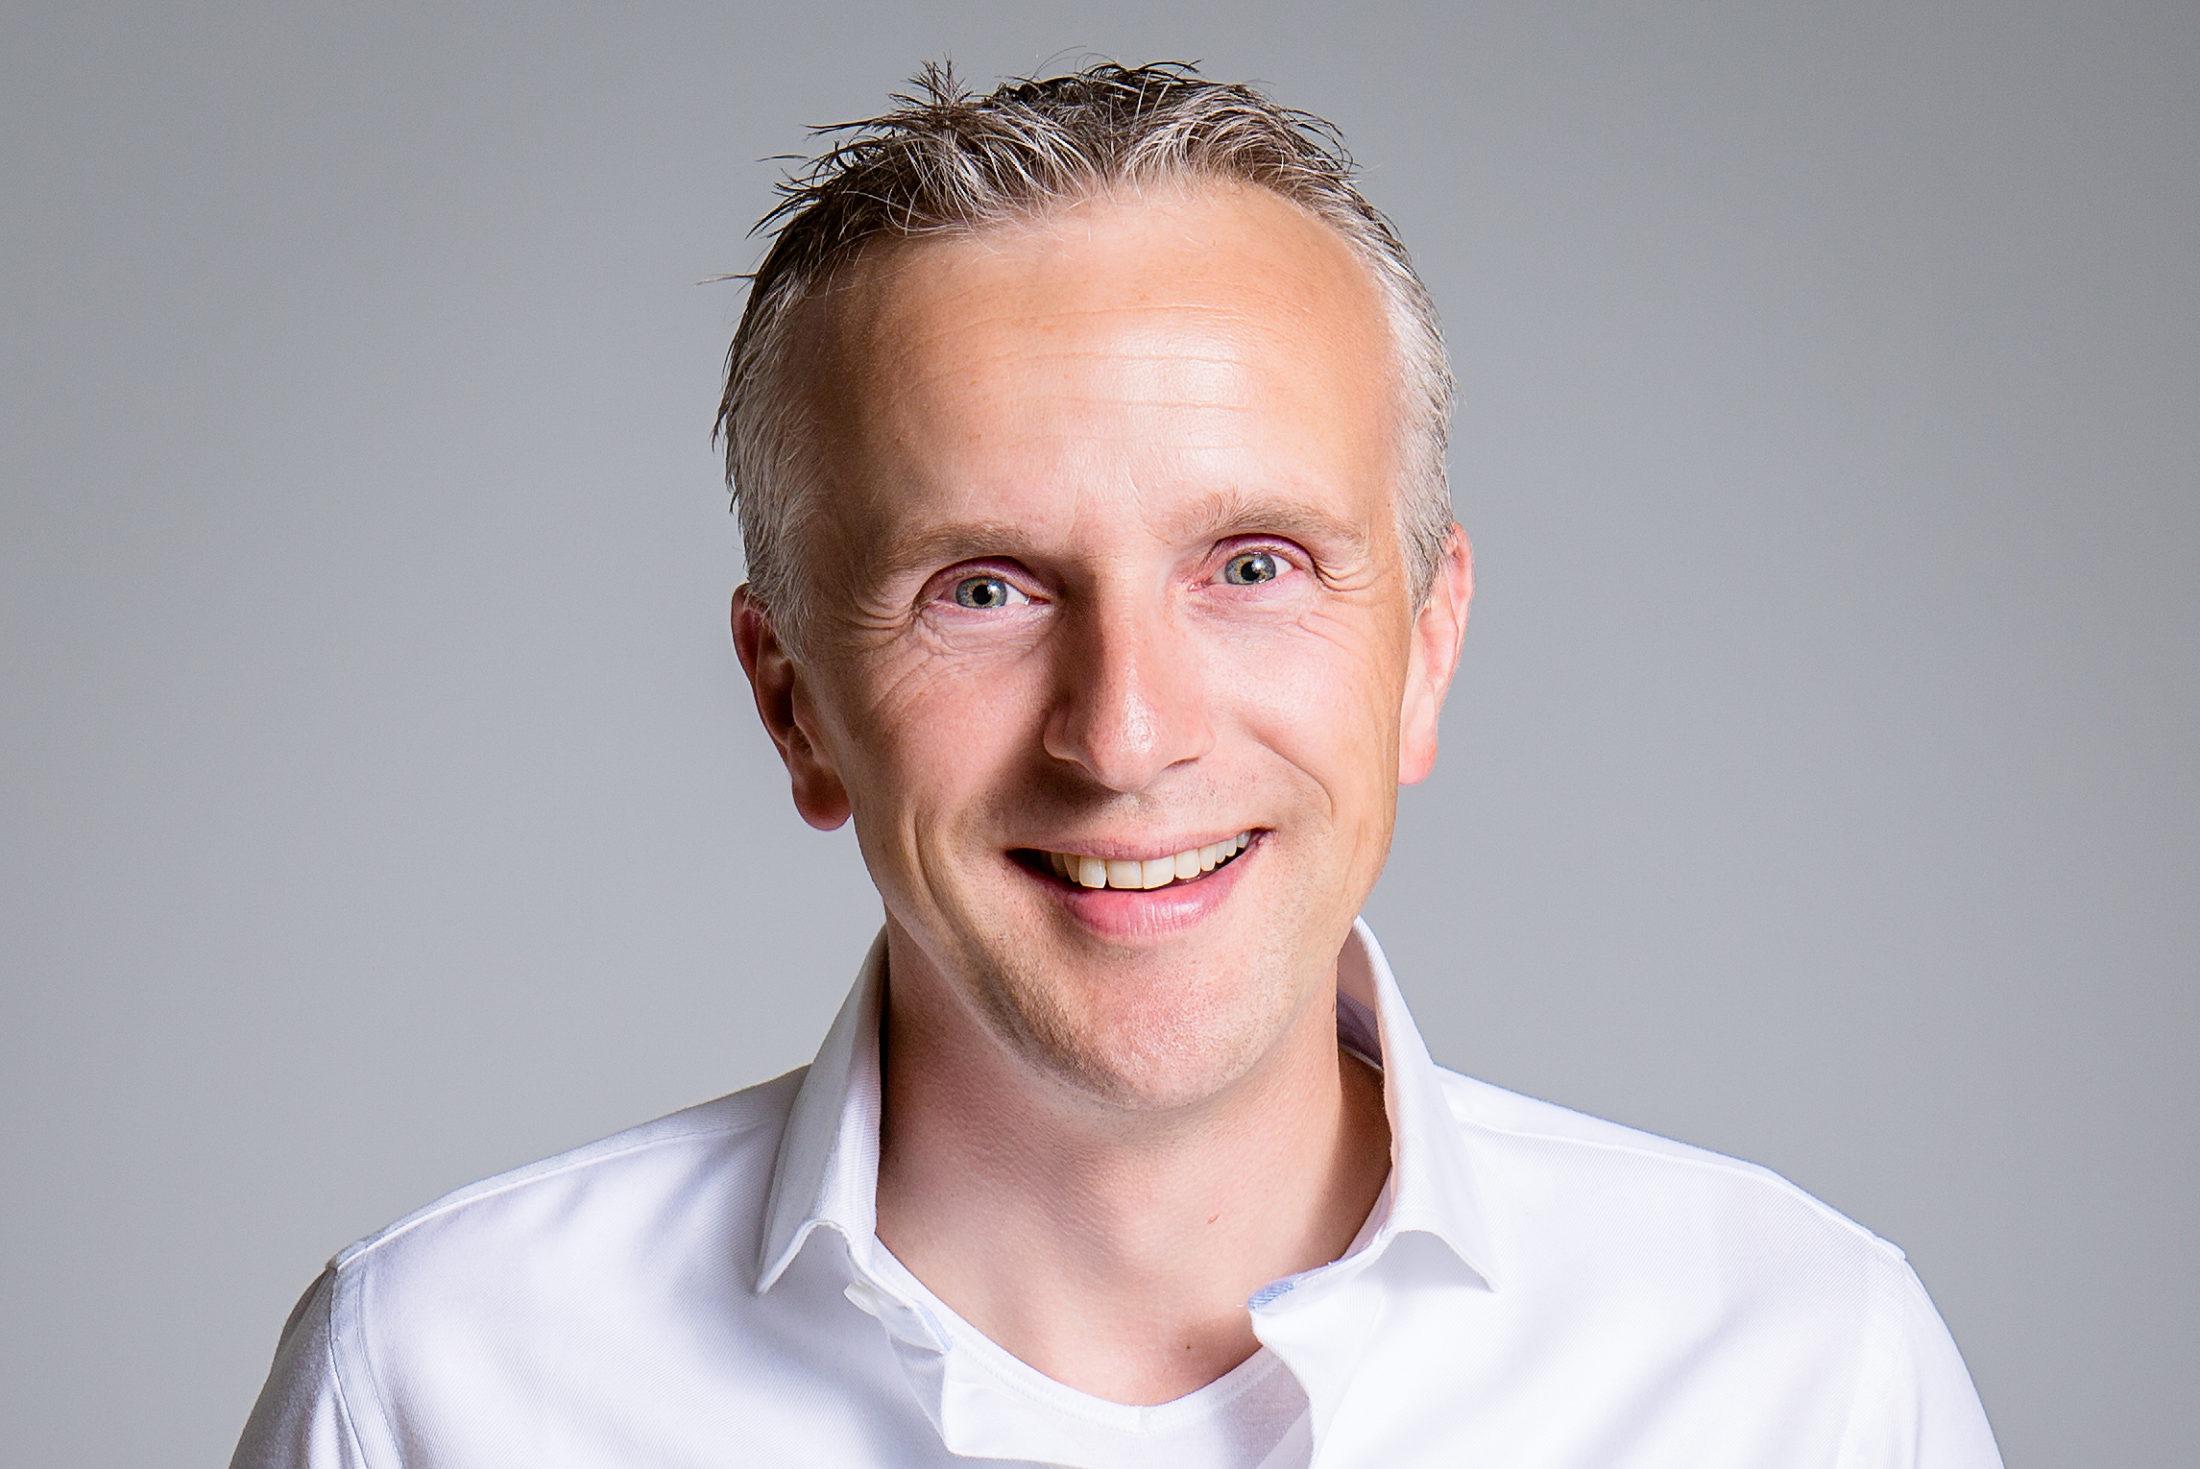 Gerard Russchen